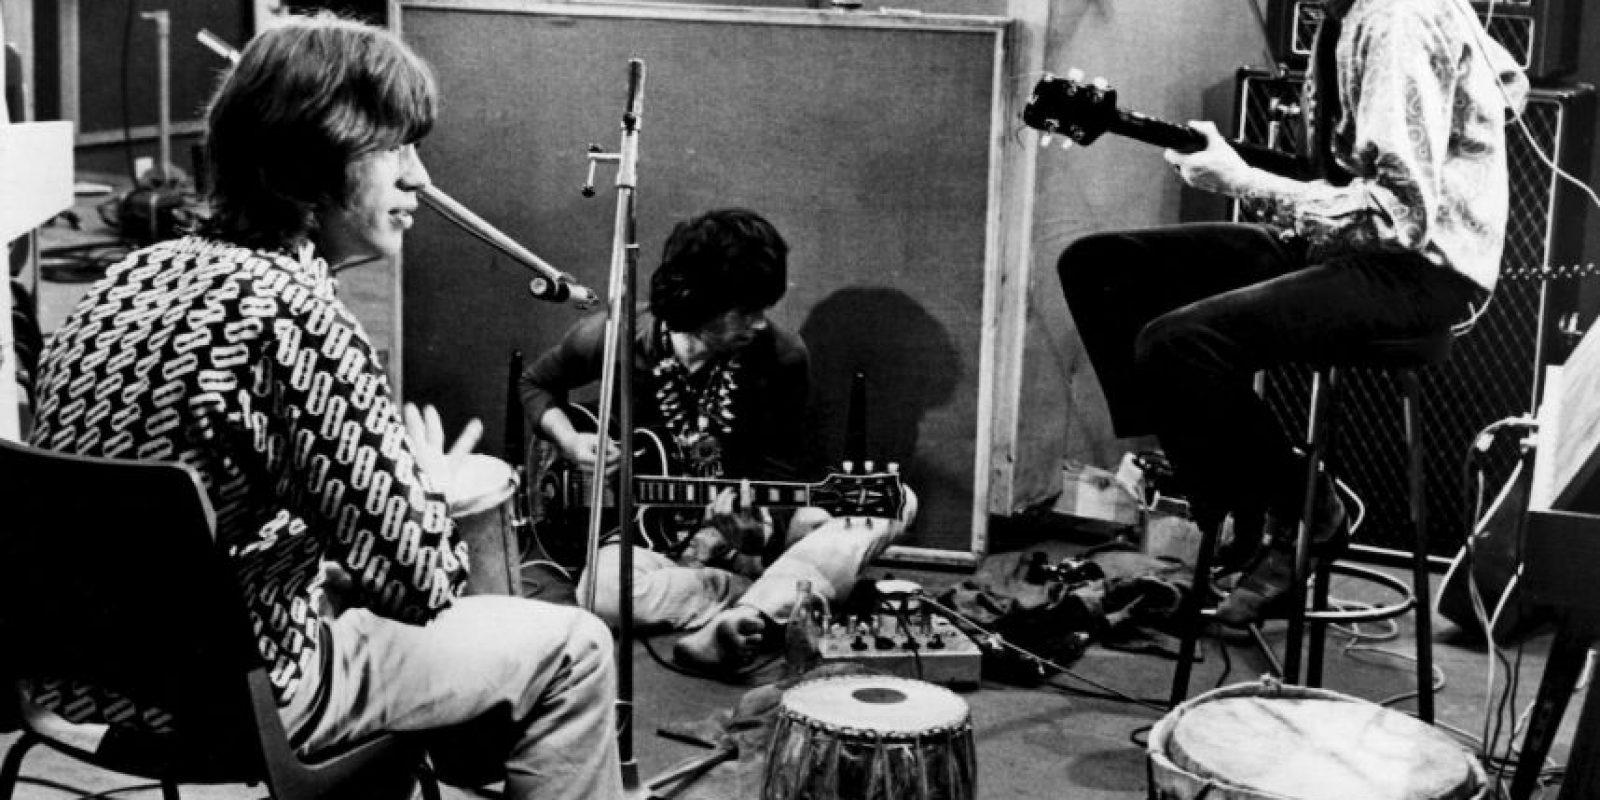 Desde 1997 ha grabado y realizado giras con su propia banda: Bill Wyman's Rhythm Kings. Foto:Getty Images